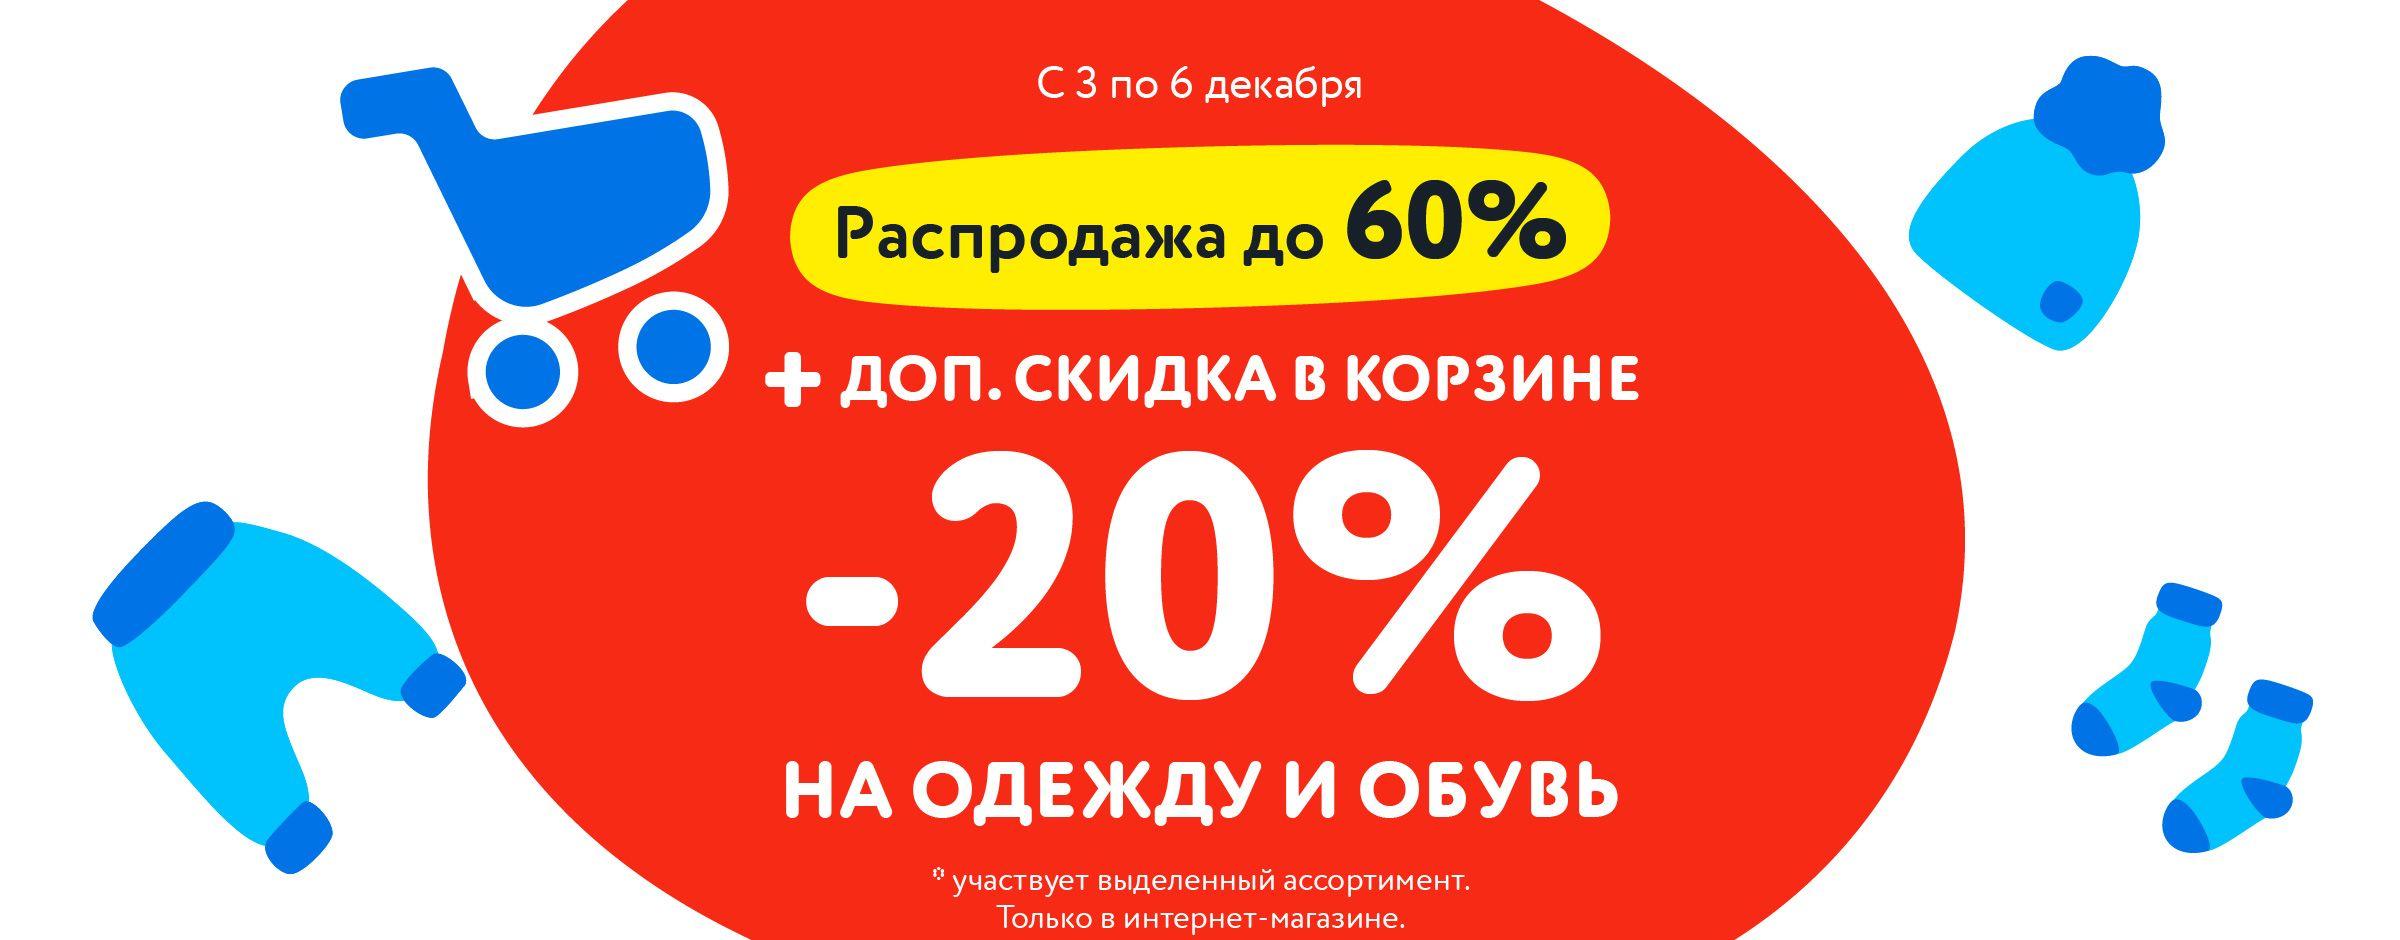 Доп. скидка 20% в корзине на одежду и обувь